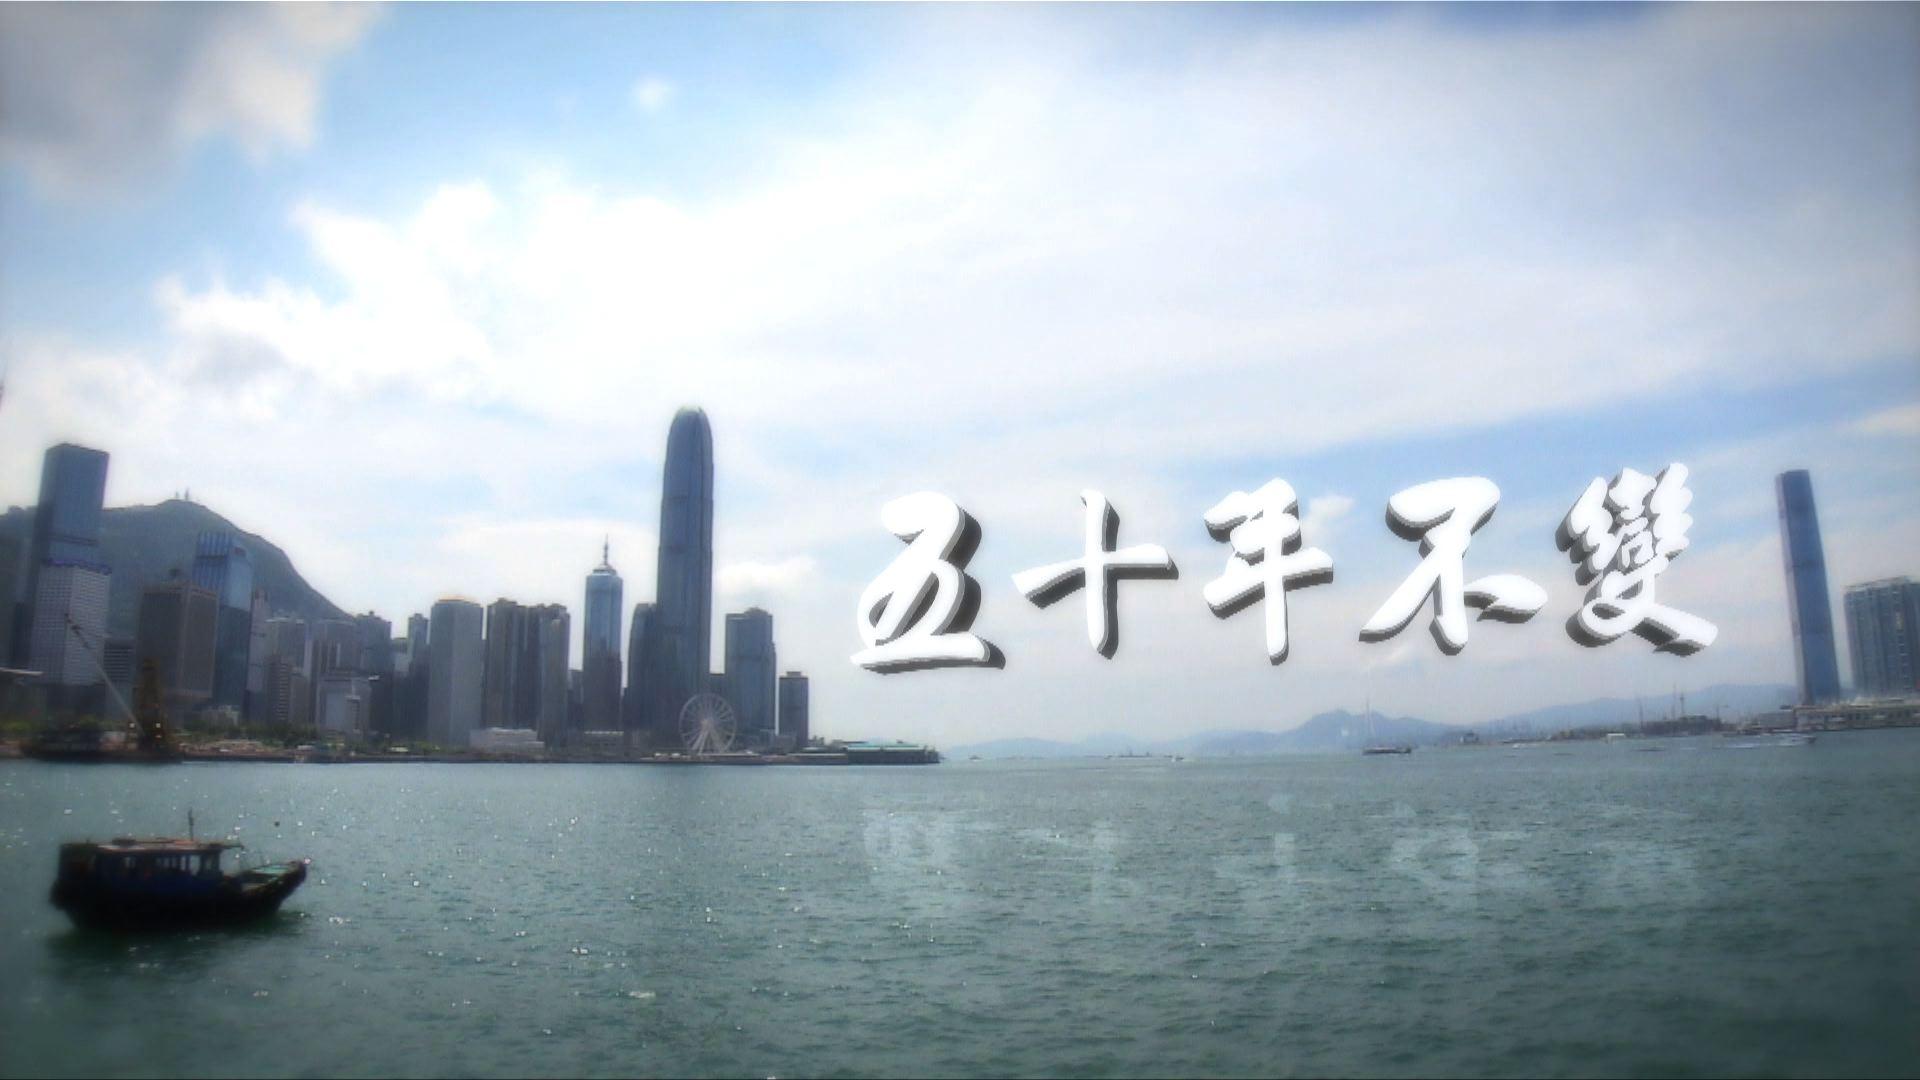 【經緯線】回歸20年系列之五十年不變(一)